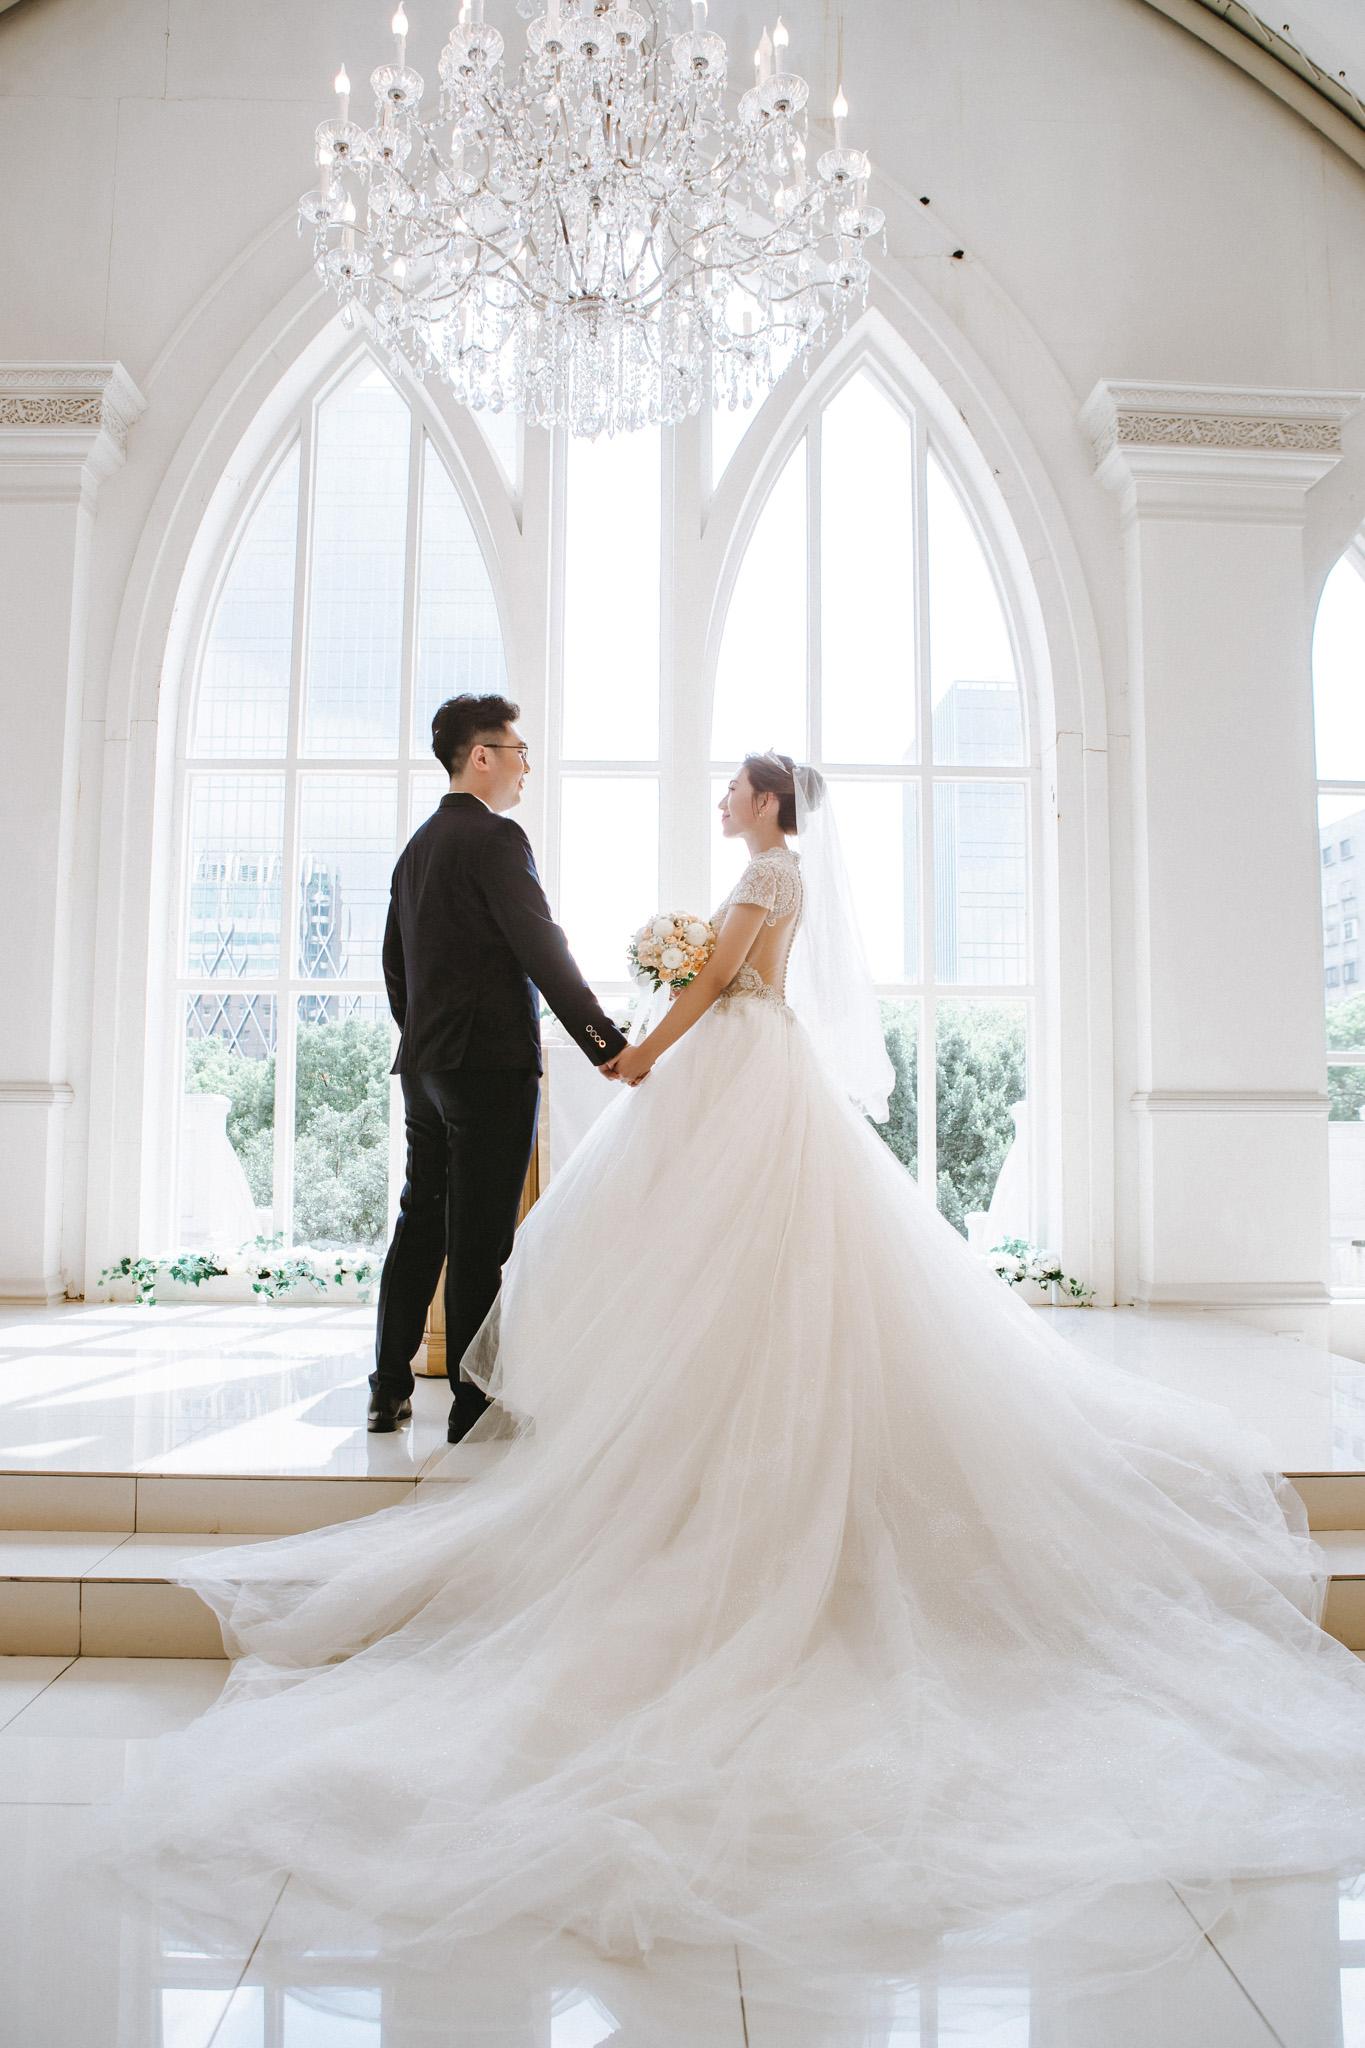 EW 台北婚攝 居米 翡麗詩 婚禮 婚宴-19